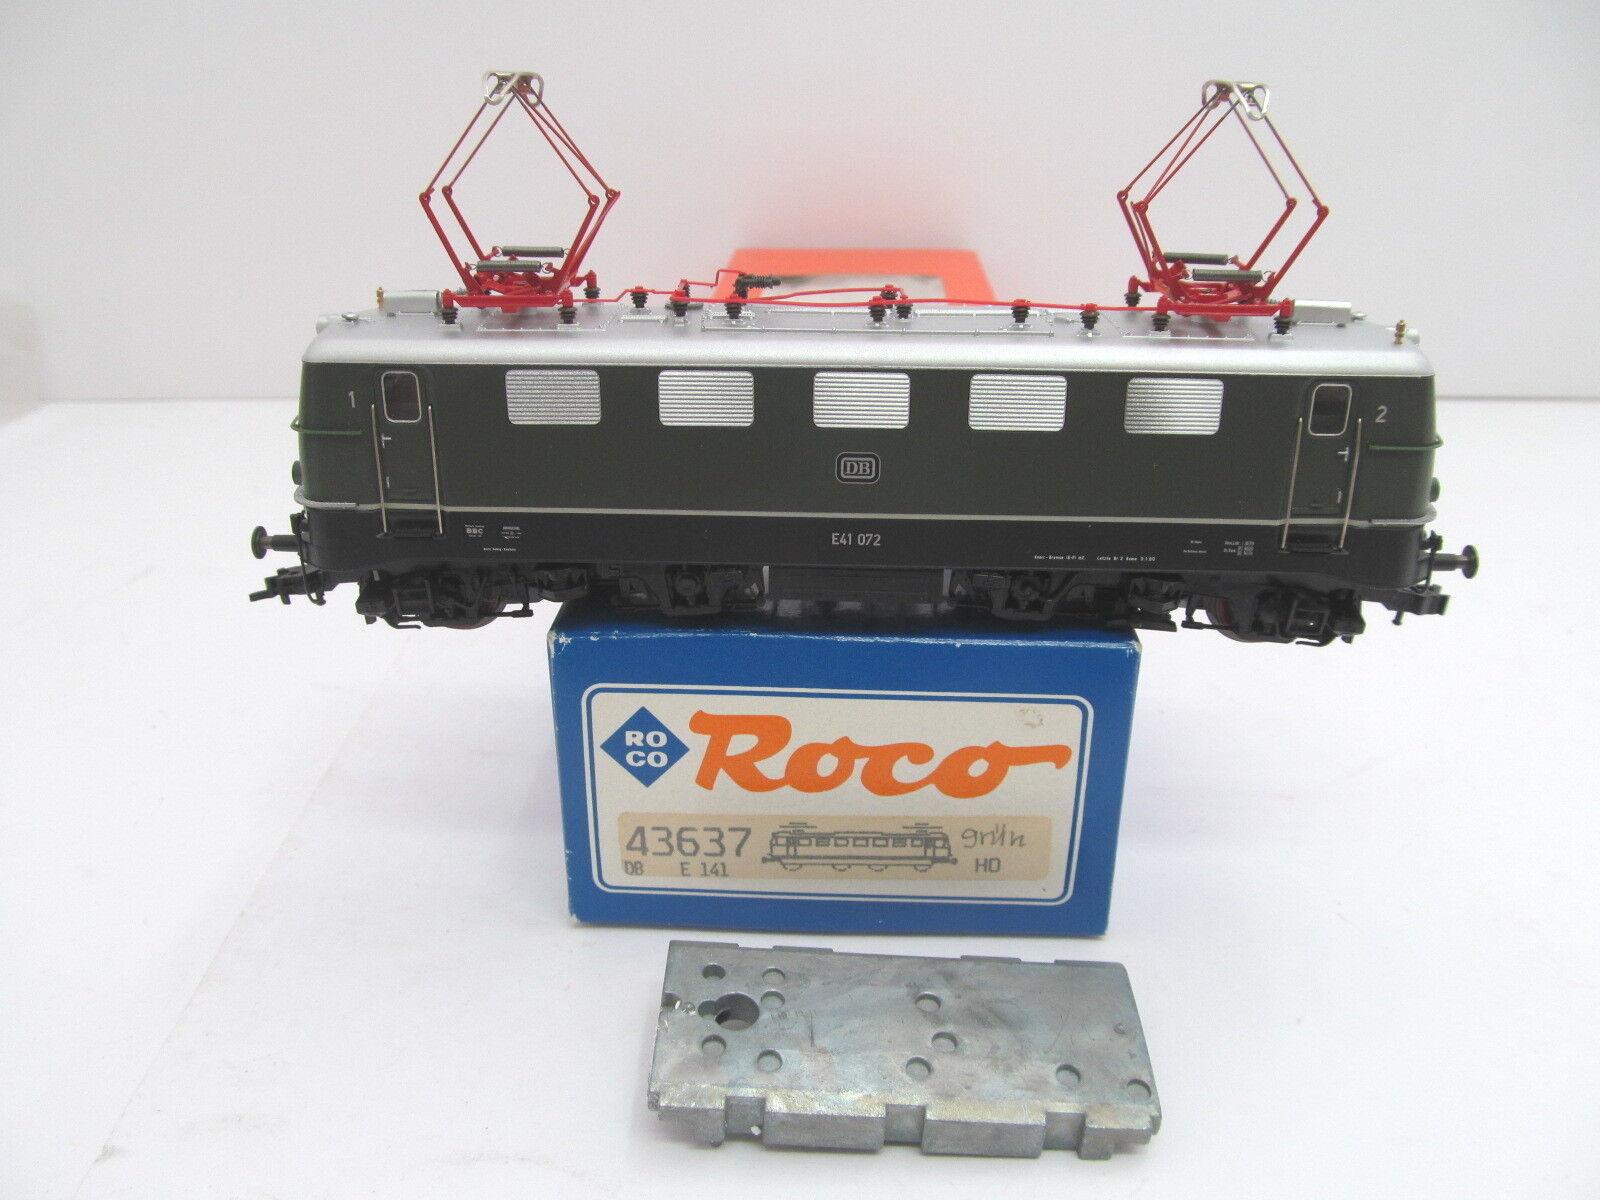 Mes-44203 43637 roco h0 e-Lok DB e41 072 muy buen estado, función, han comprobado